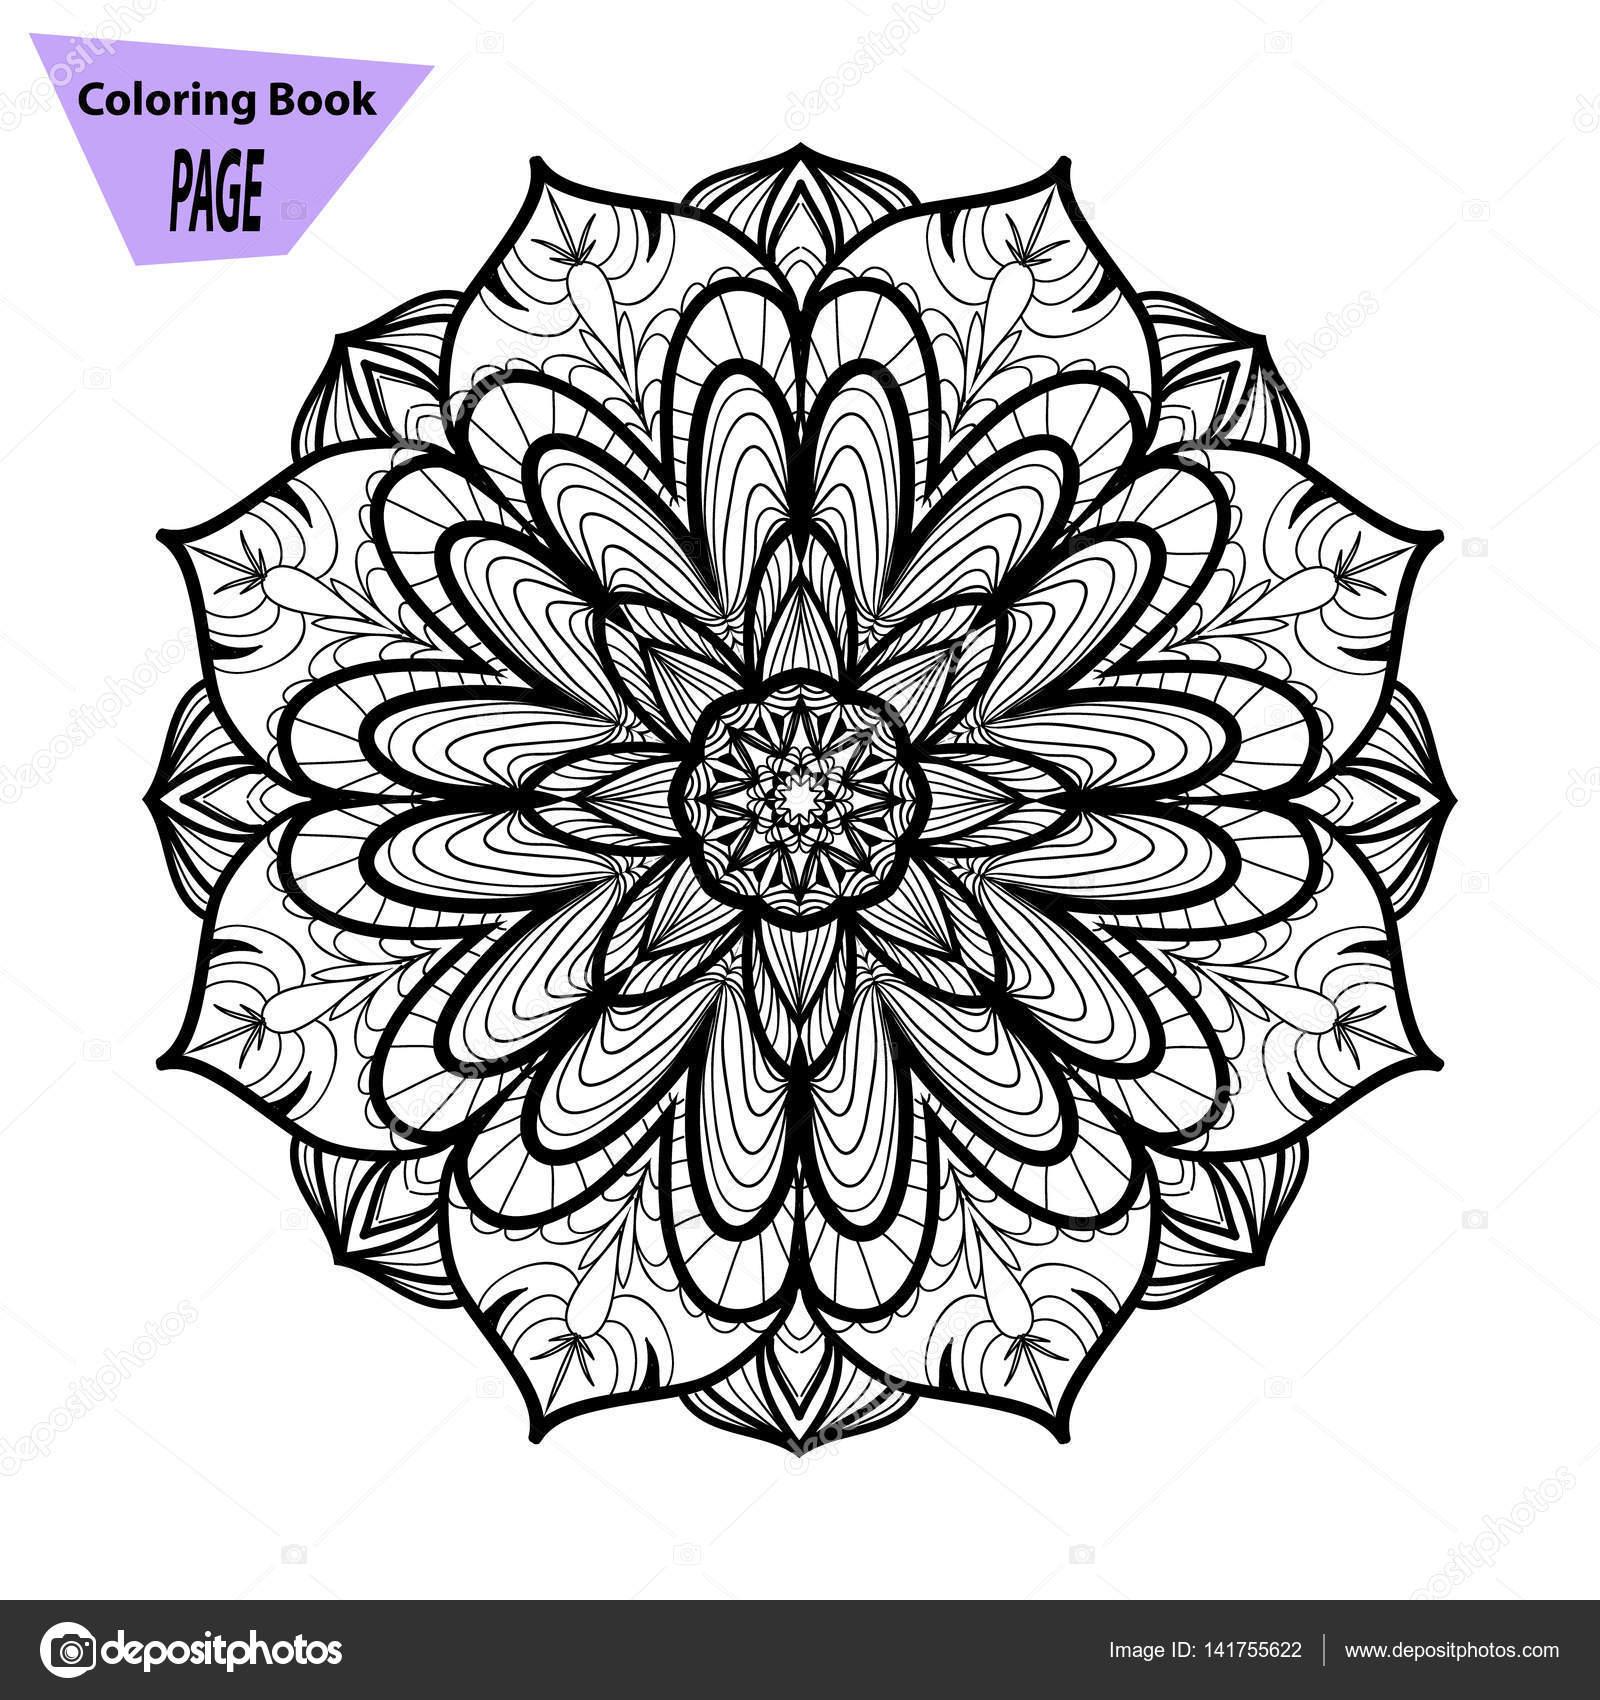 Mandala Boyama Sayfası Vintage Dekoratif öğeler Oryantal Desen